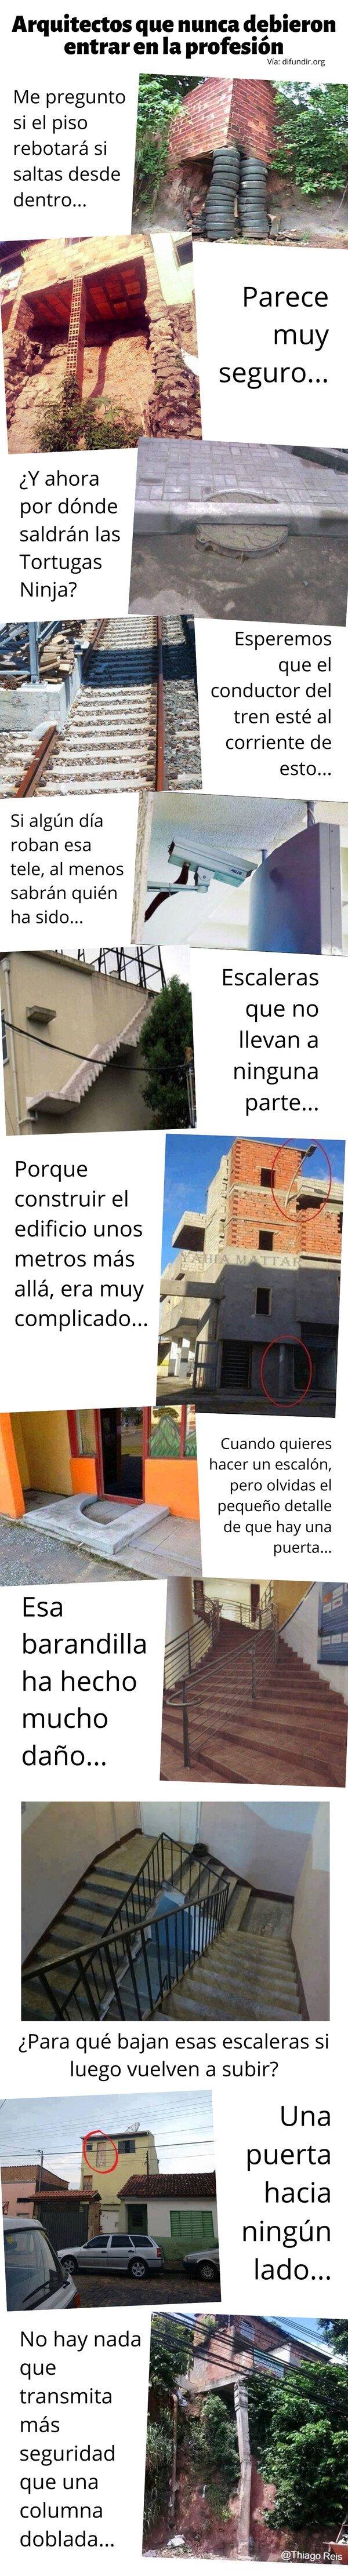 Meme_otros - Arquitectos que nunca debieron entrar en la profesión